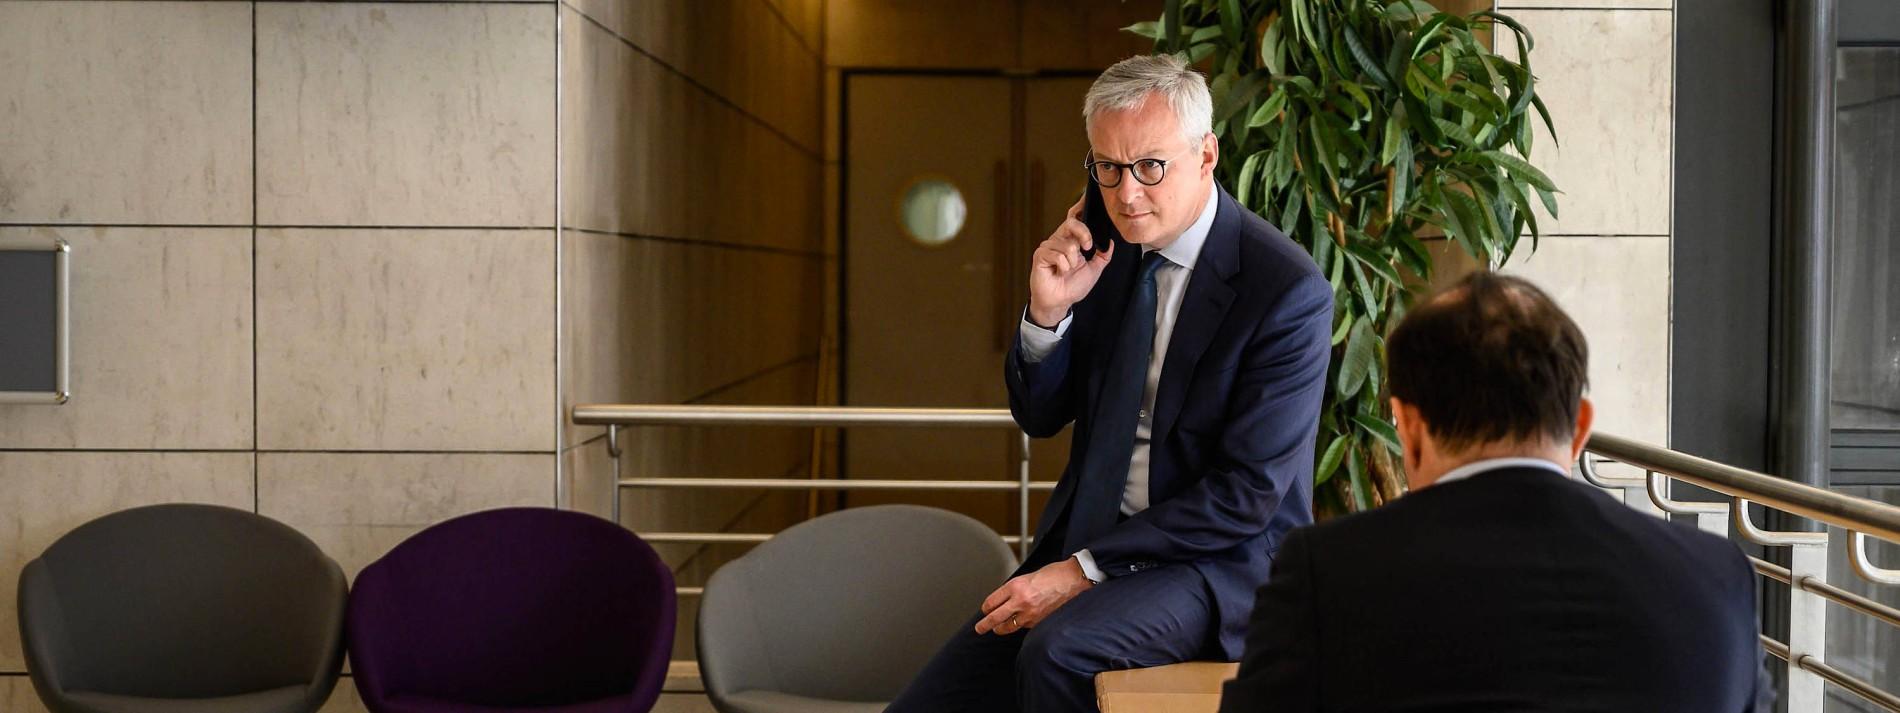 Wann gelten die EU-Schuldenregeln wieder?